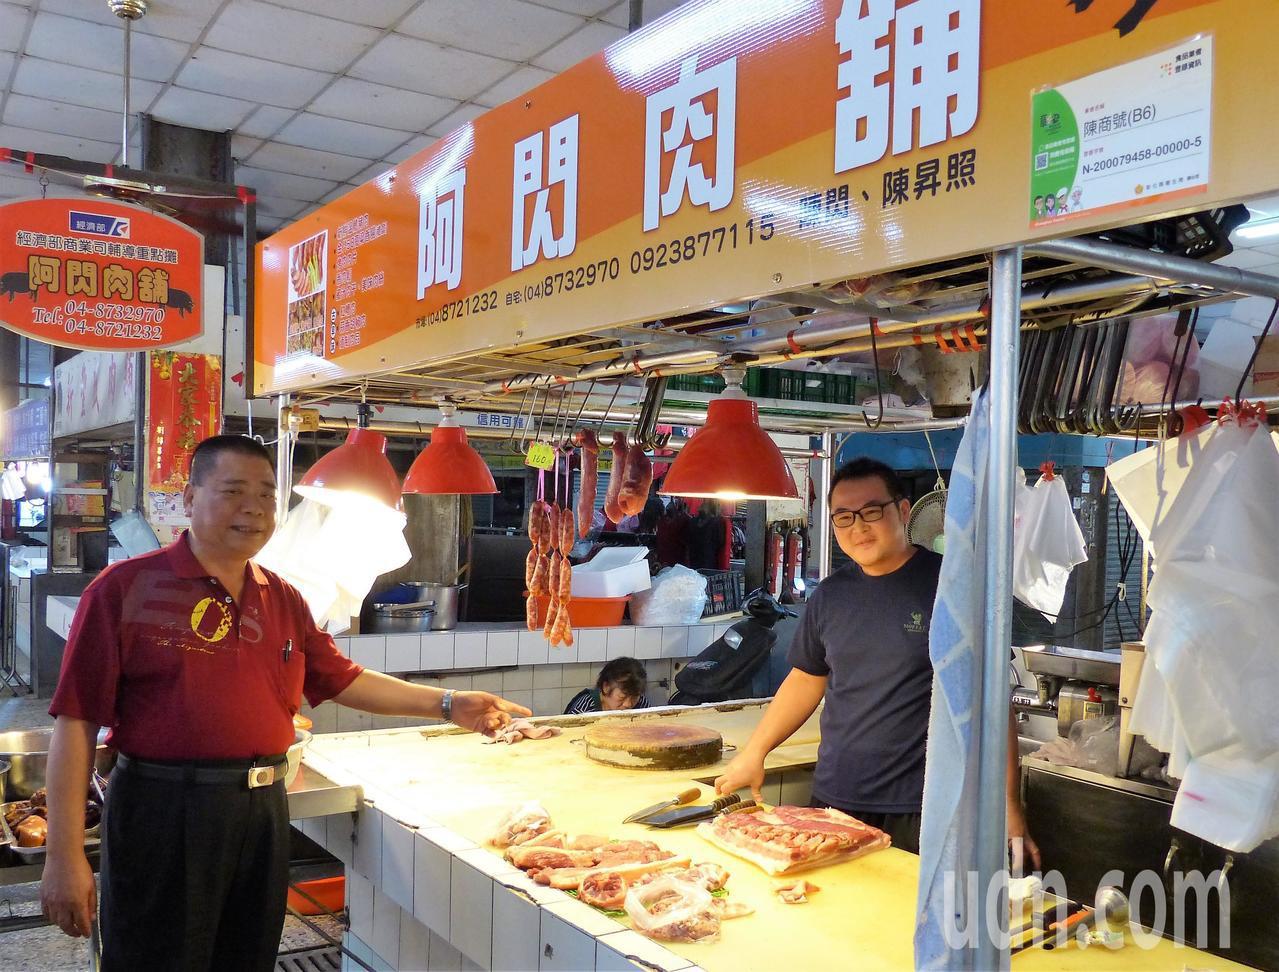 「阿閃肉鋪」老闆陳昇照(右)已經是第四代接班人,他有自信社頭攤商品質不輸大都市。...